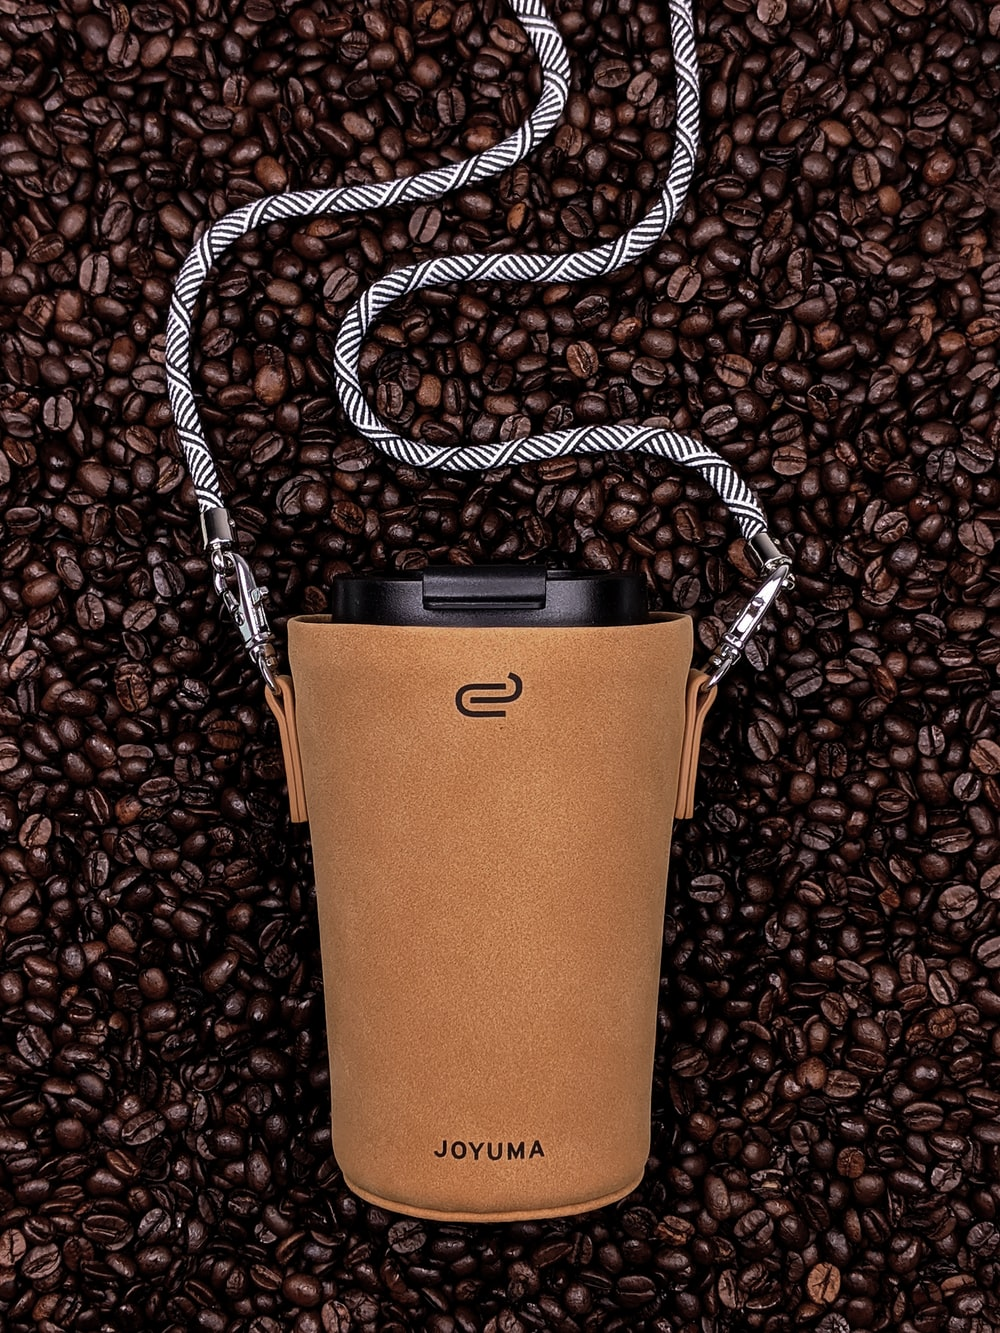 brown and black leather handbag